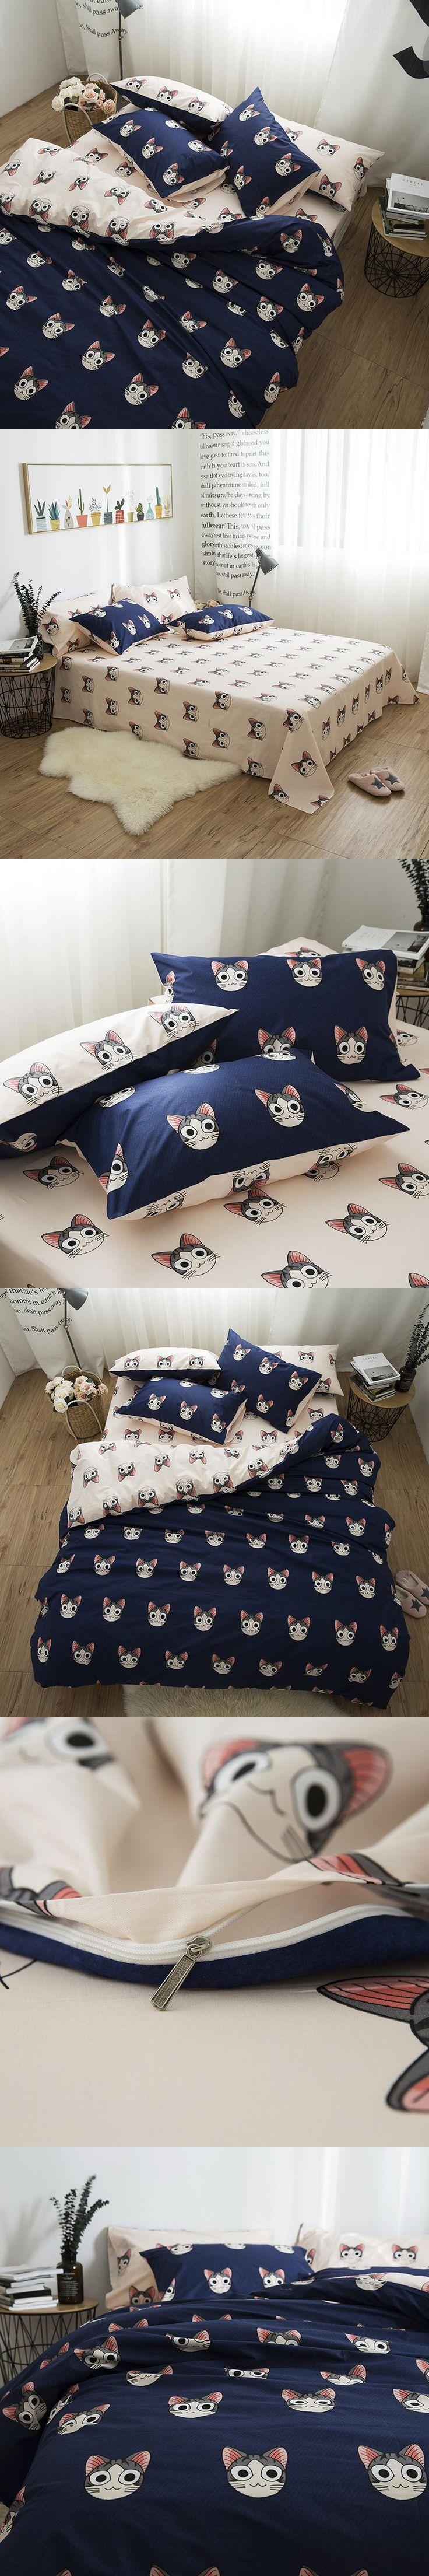 Cute cats kawaii Bedding set king queen twin size kids boys bed room ser 100%cotton duvet cover set bed sheet set pillowcase